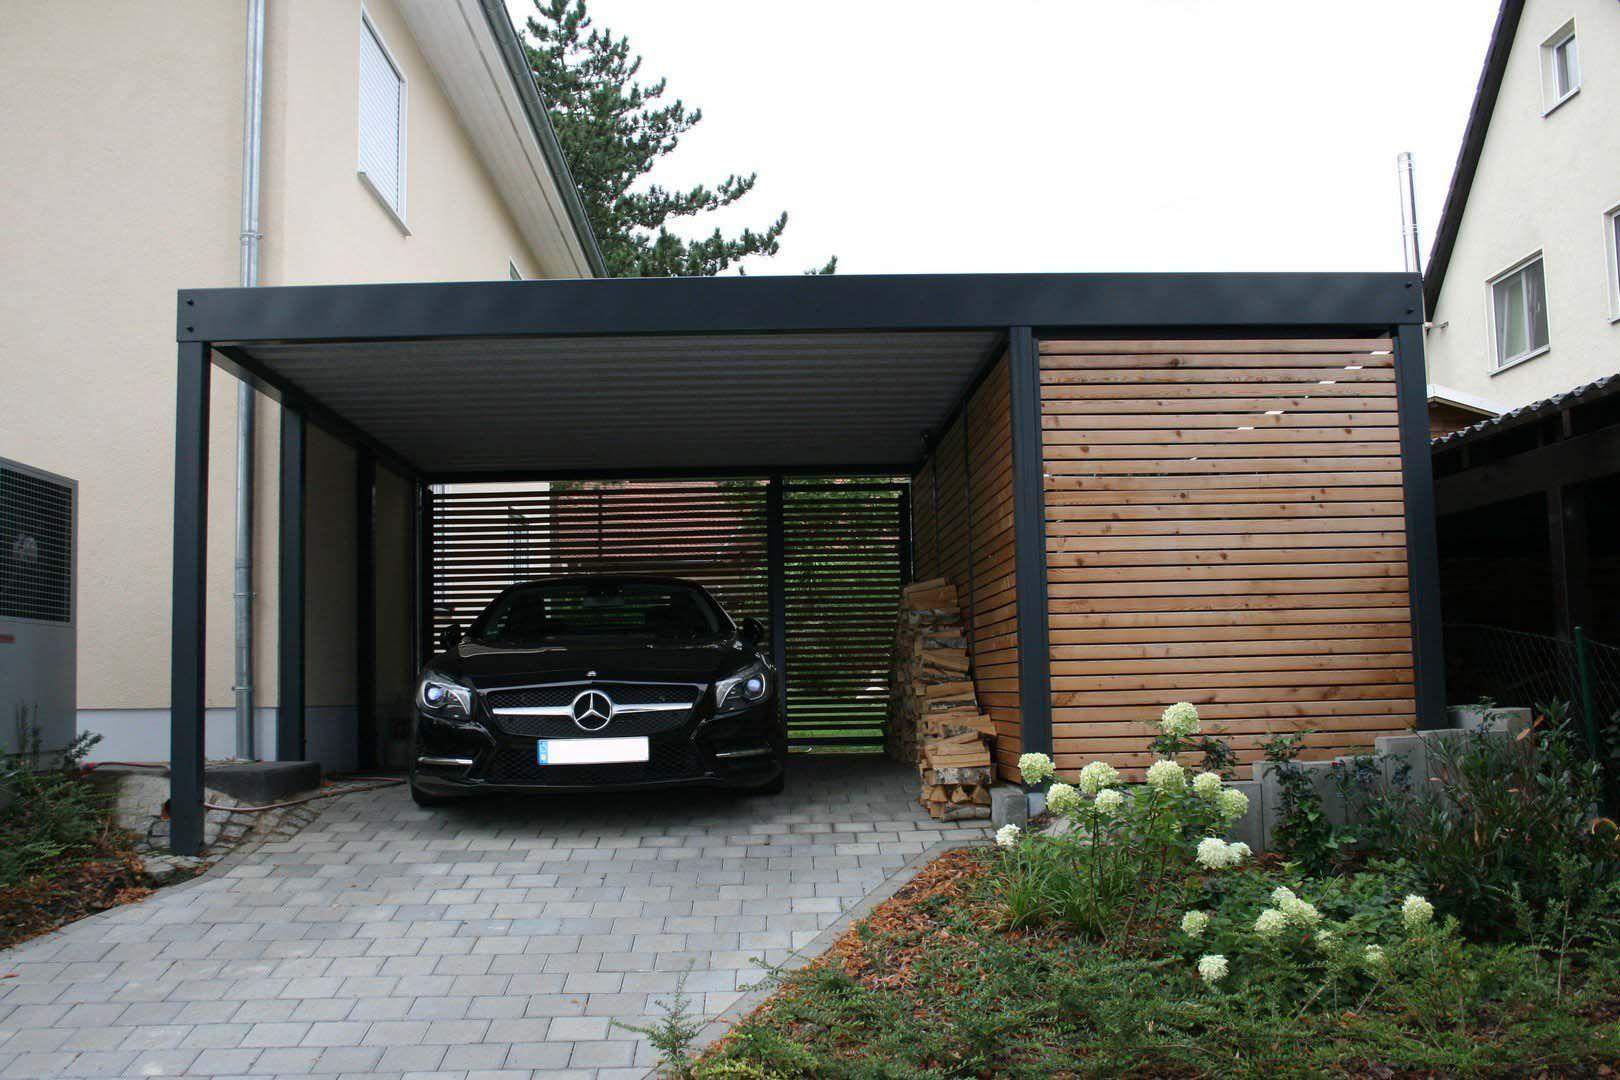 metallcarport-stahlcarport-kaufen-metall-carport-preise-mit-abstellraum-konfigurator-design-muenchen